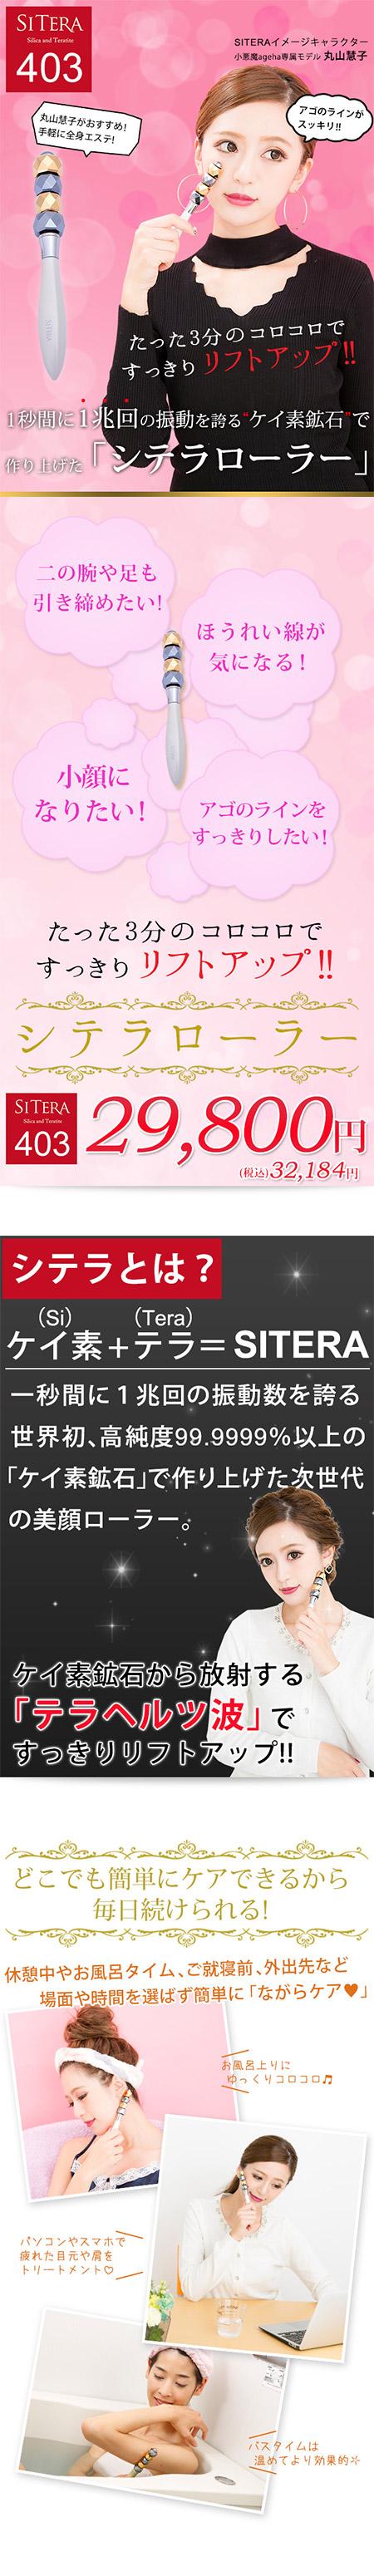 sitera403の説明